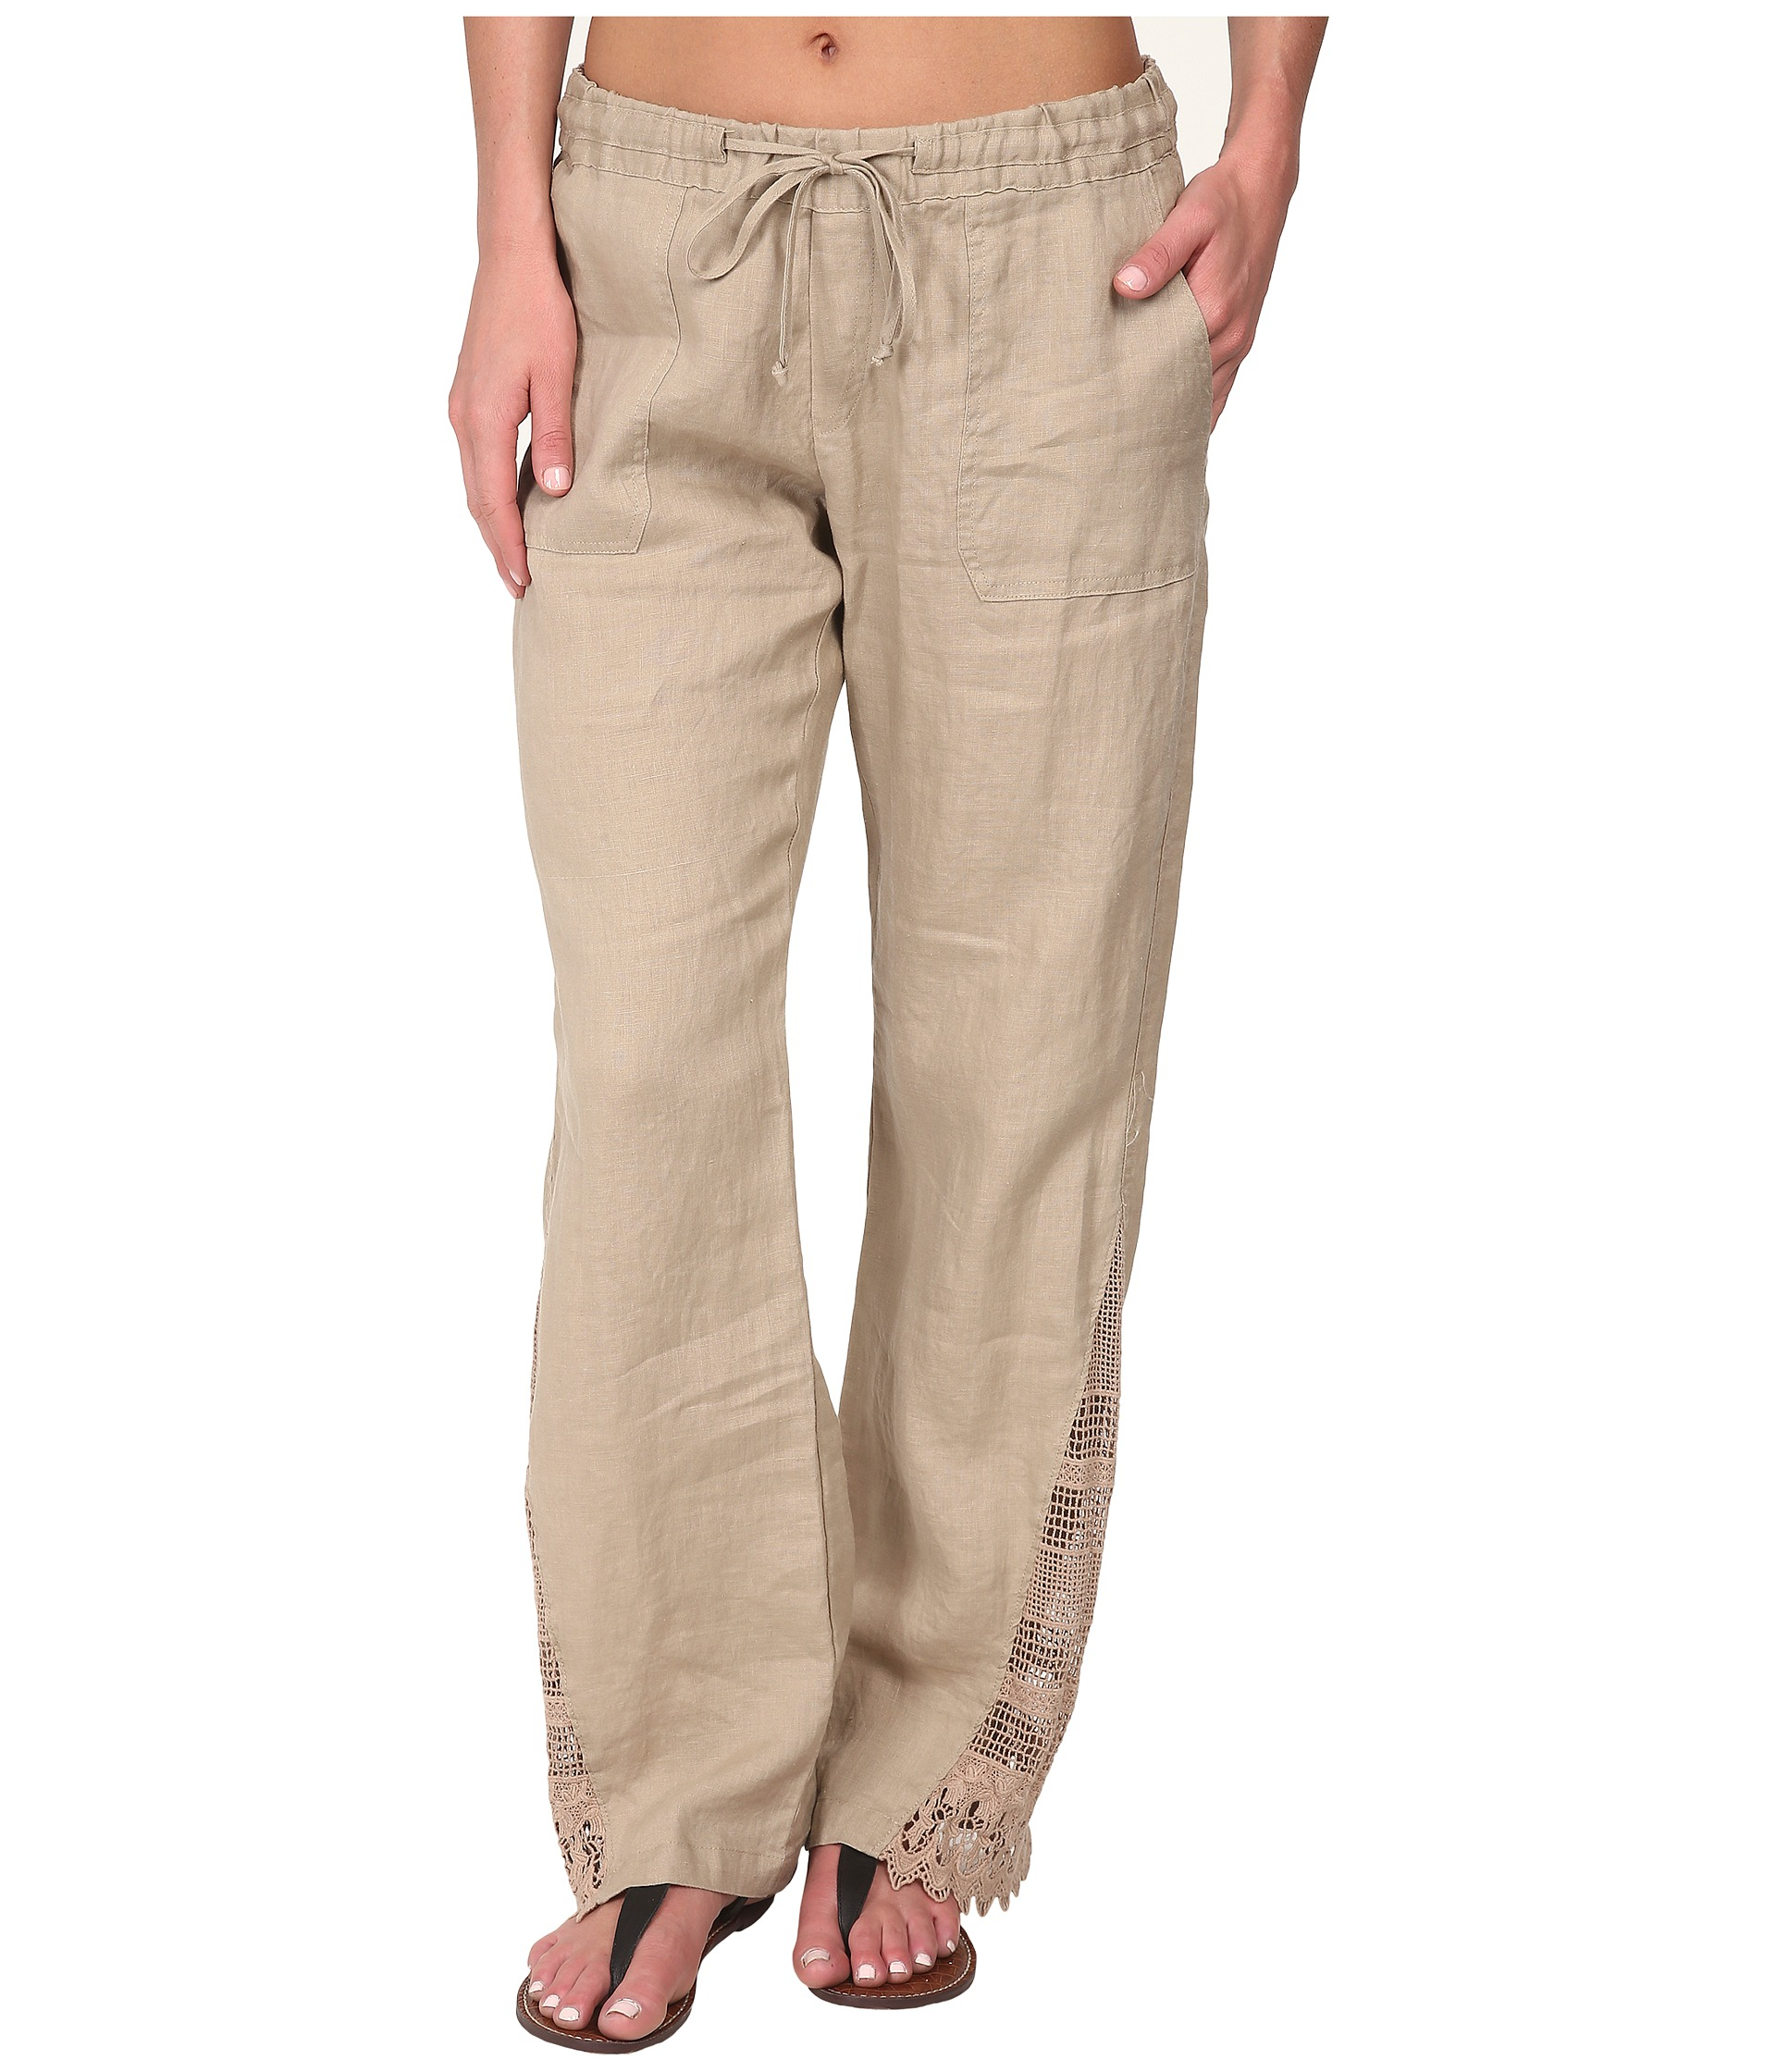 Outseam Measurement La Blanca Linen Pants ...